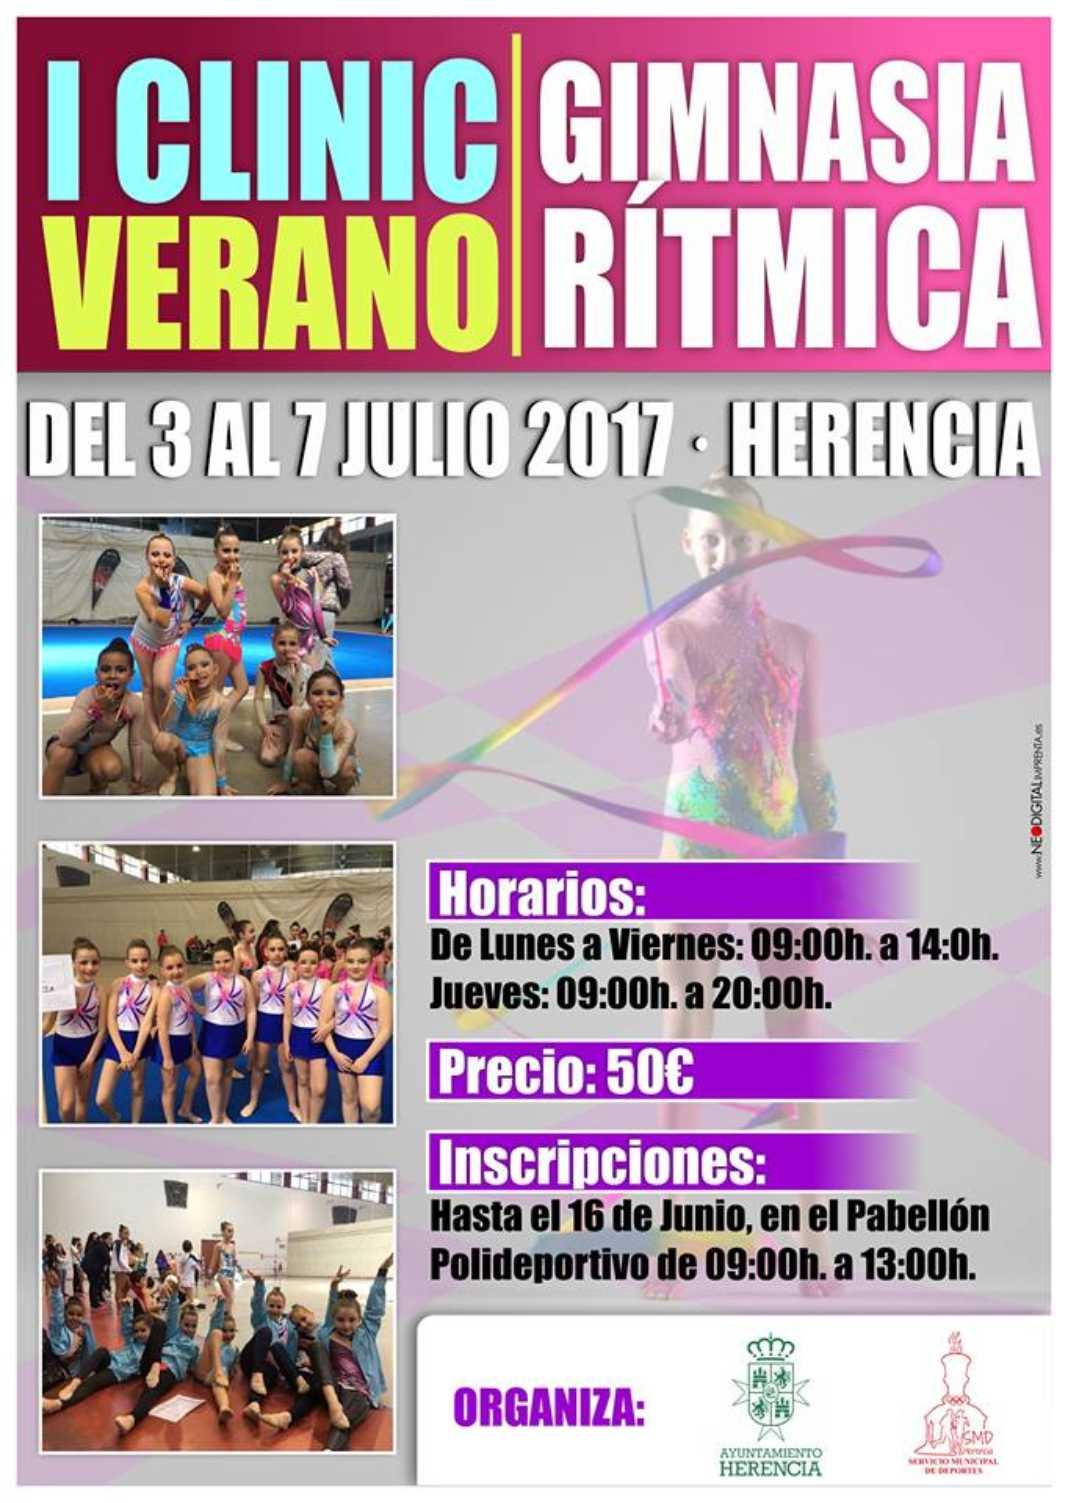 Clinic Gimnasia Ritmica 1068x1503 - Este verano tendrá lugar el I Clinic de Gimnasia Rítmica en Herencia